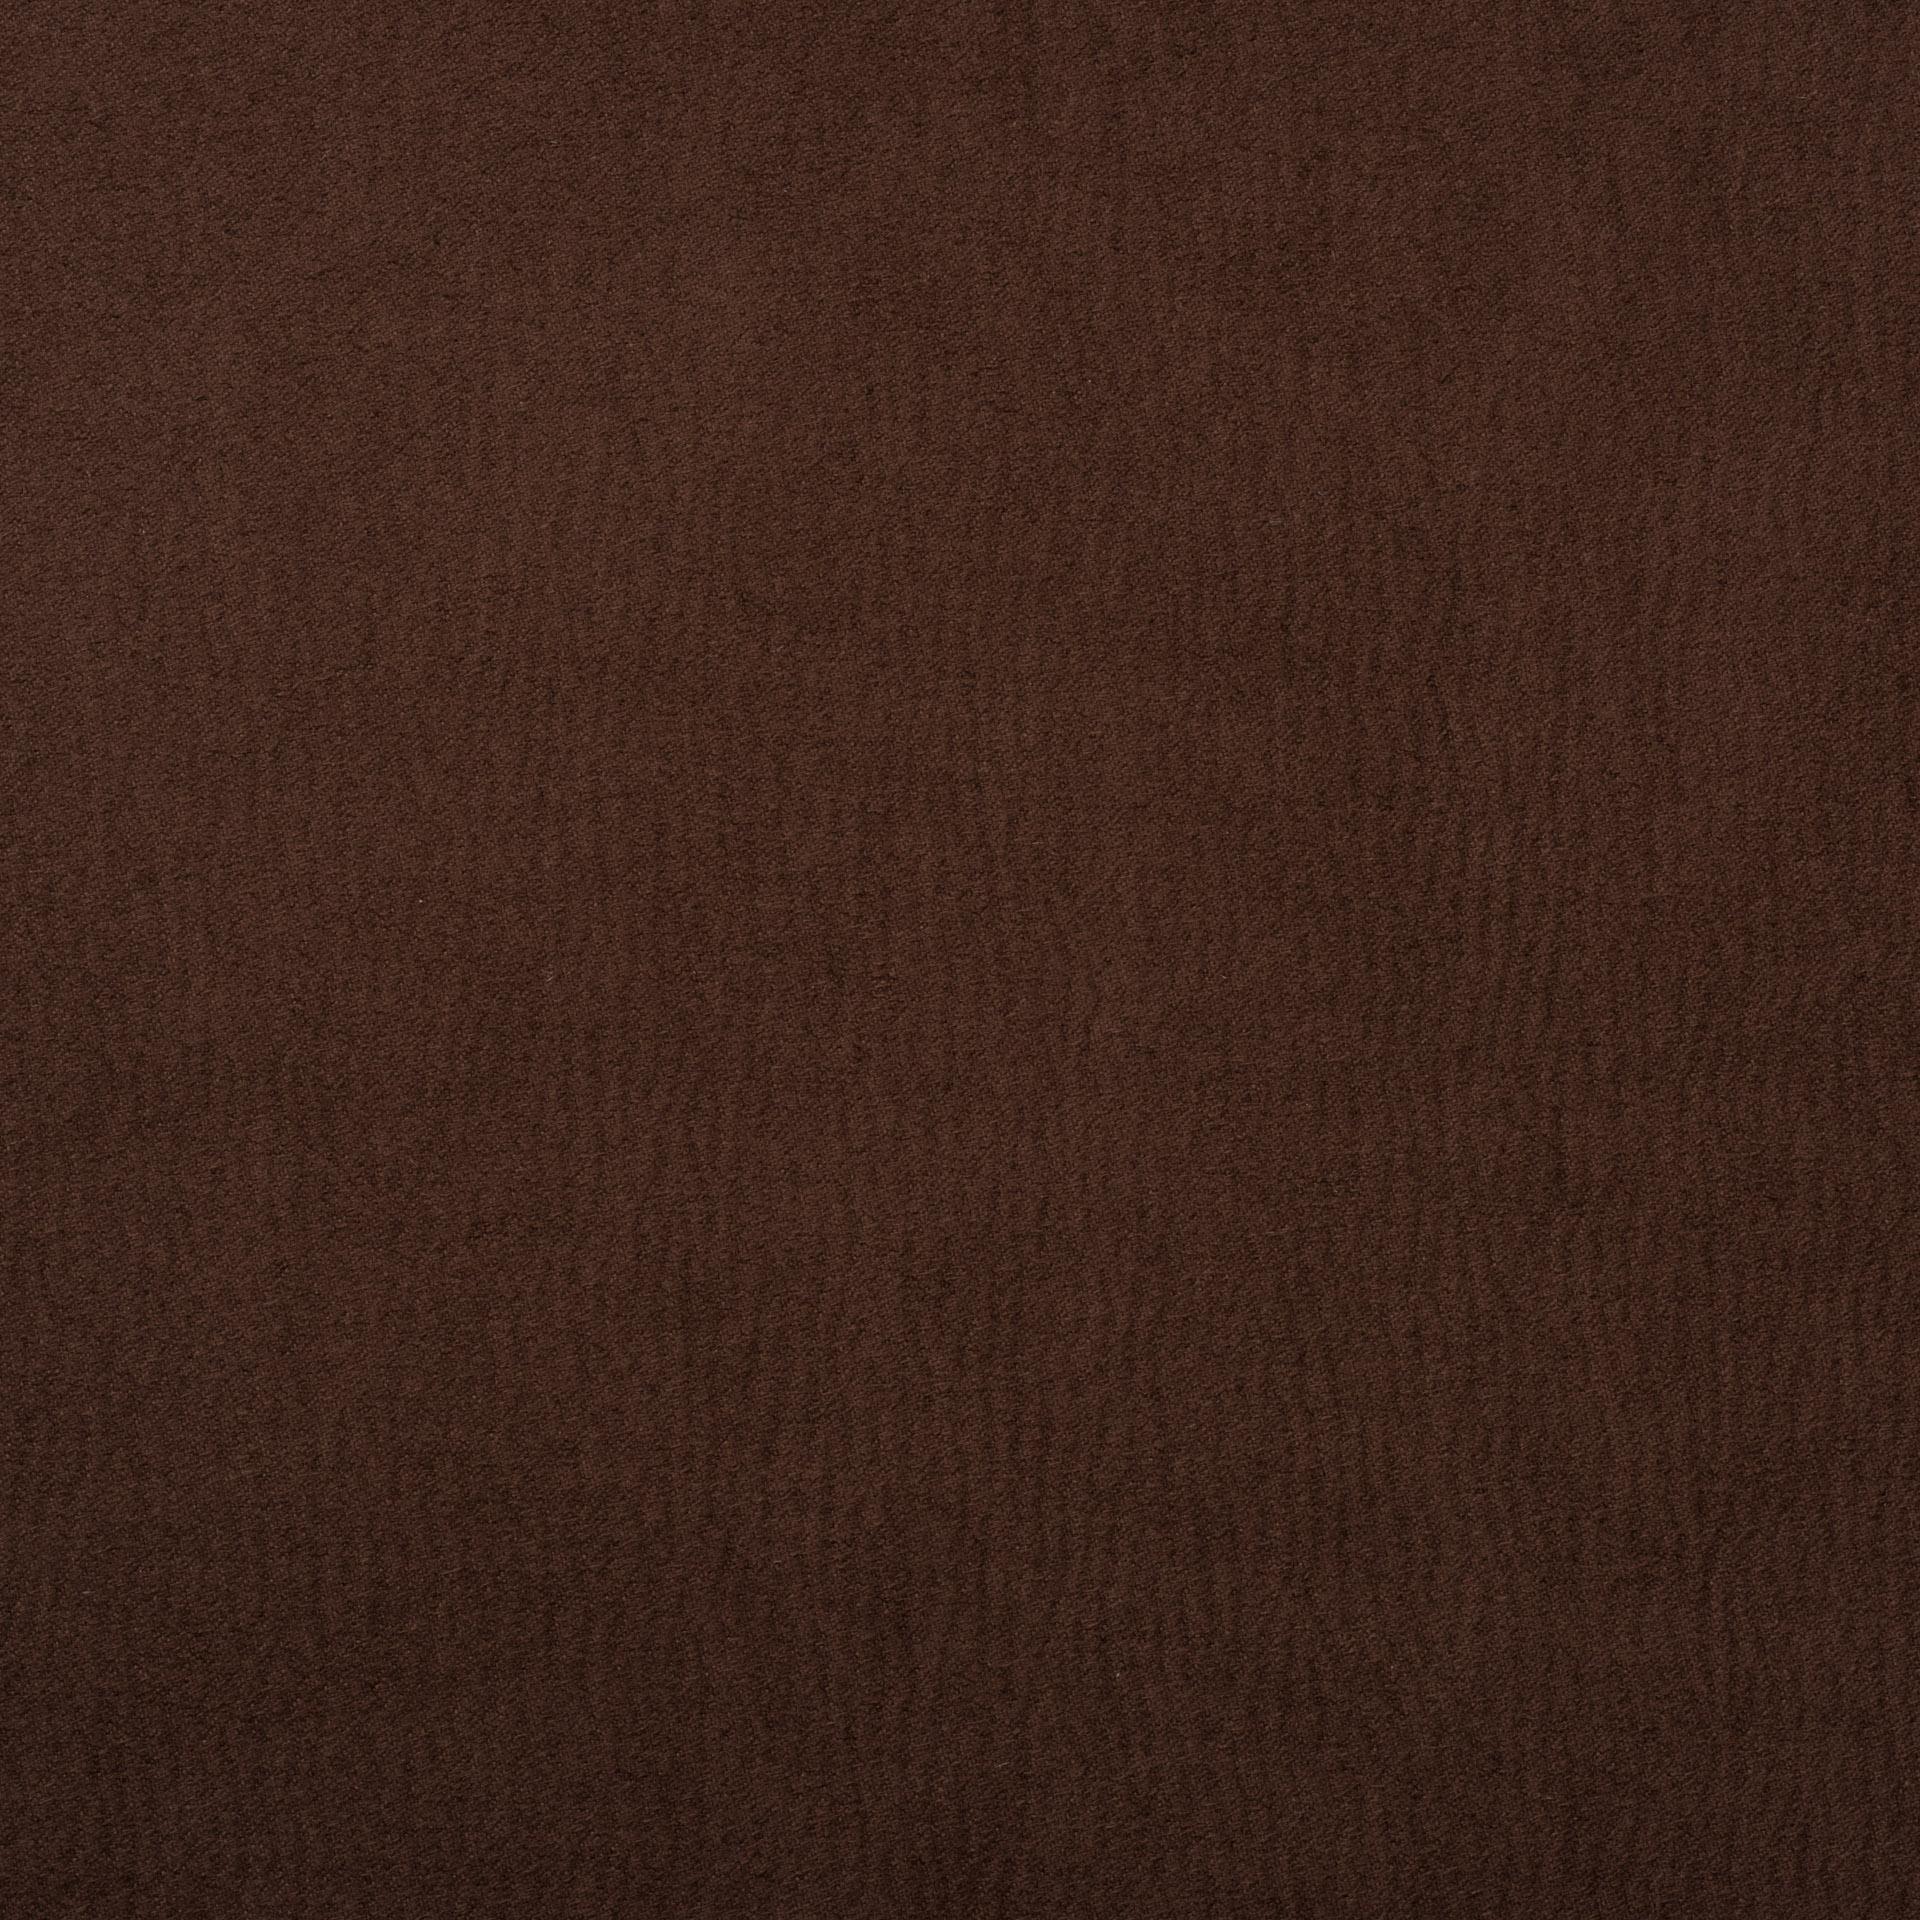 Коллекция ткани Нубук 04 MUTTON,  купить ткань Велюр для мебели Украина